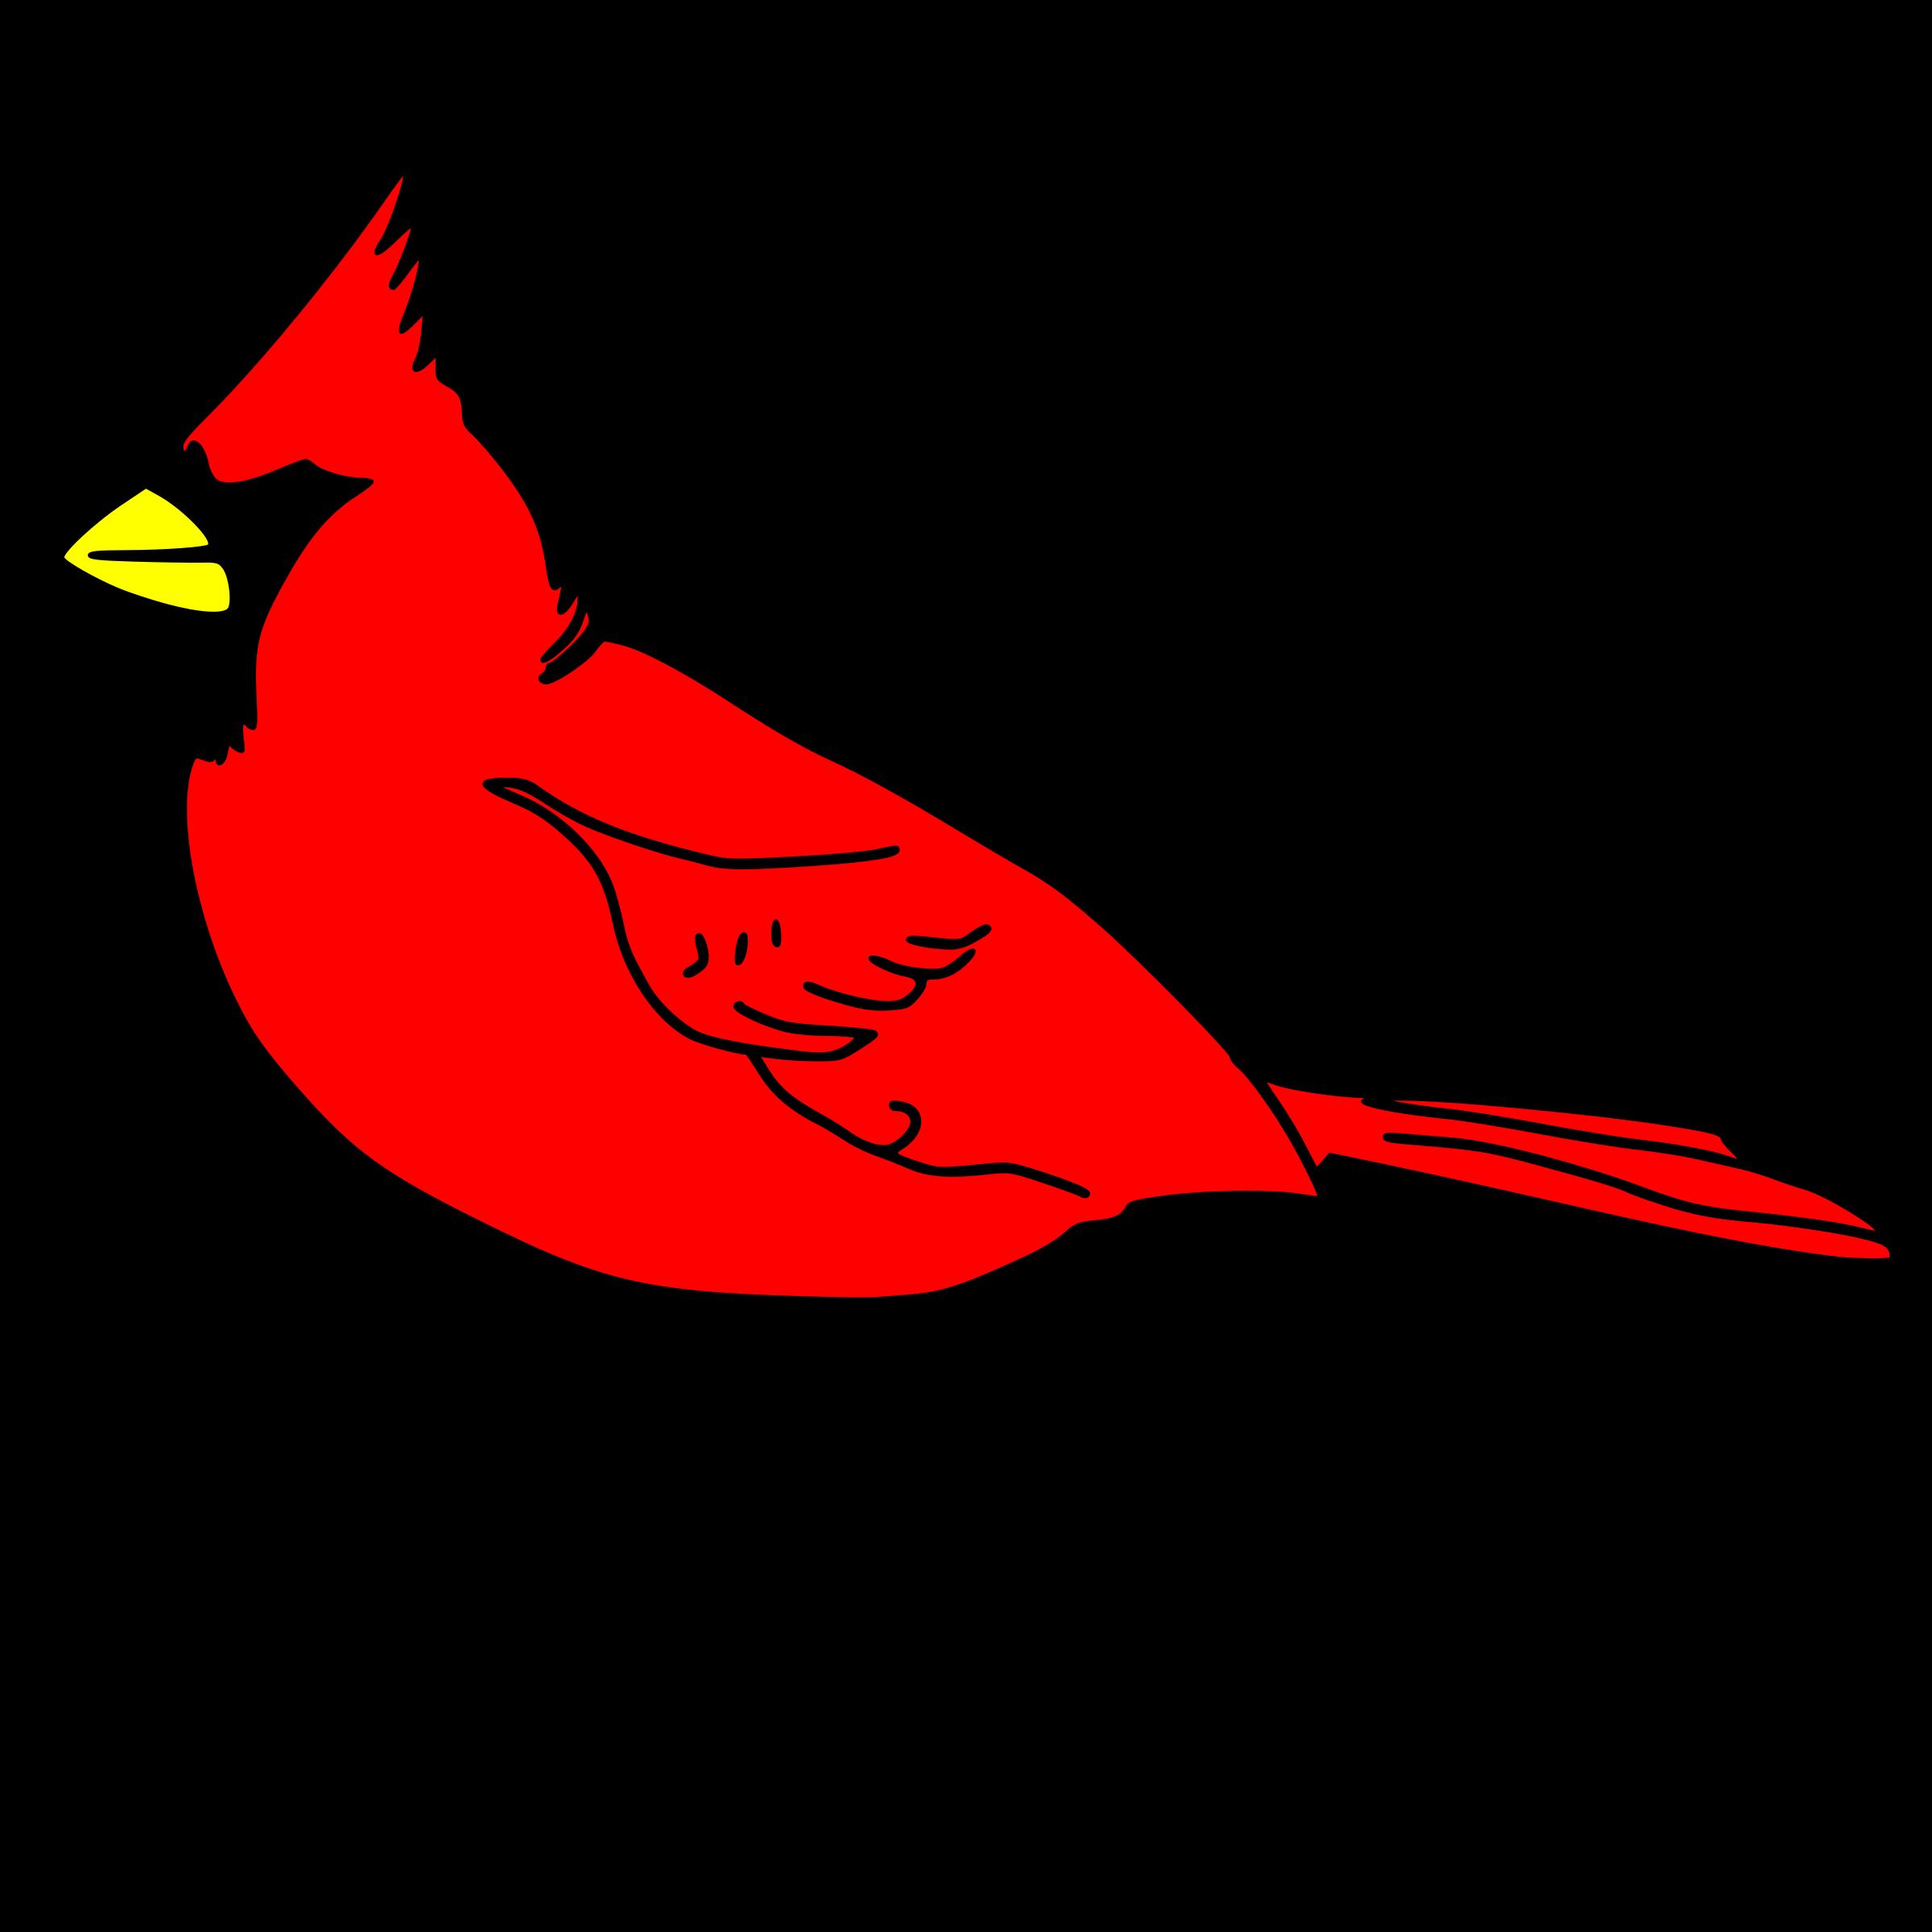 Cardinal clipart kawaii. Remix icons png free